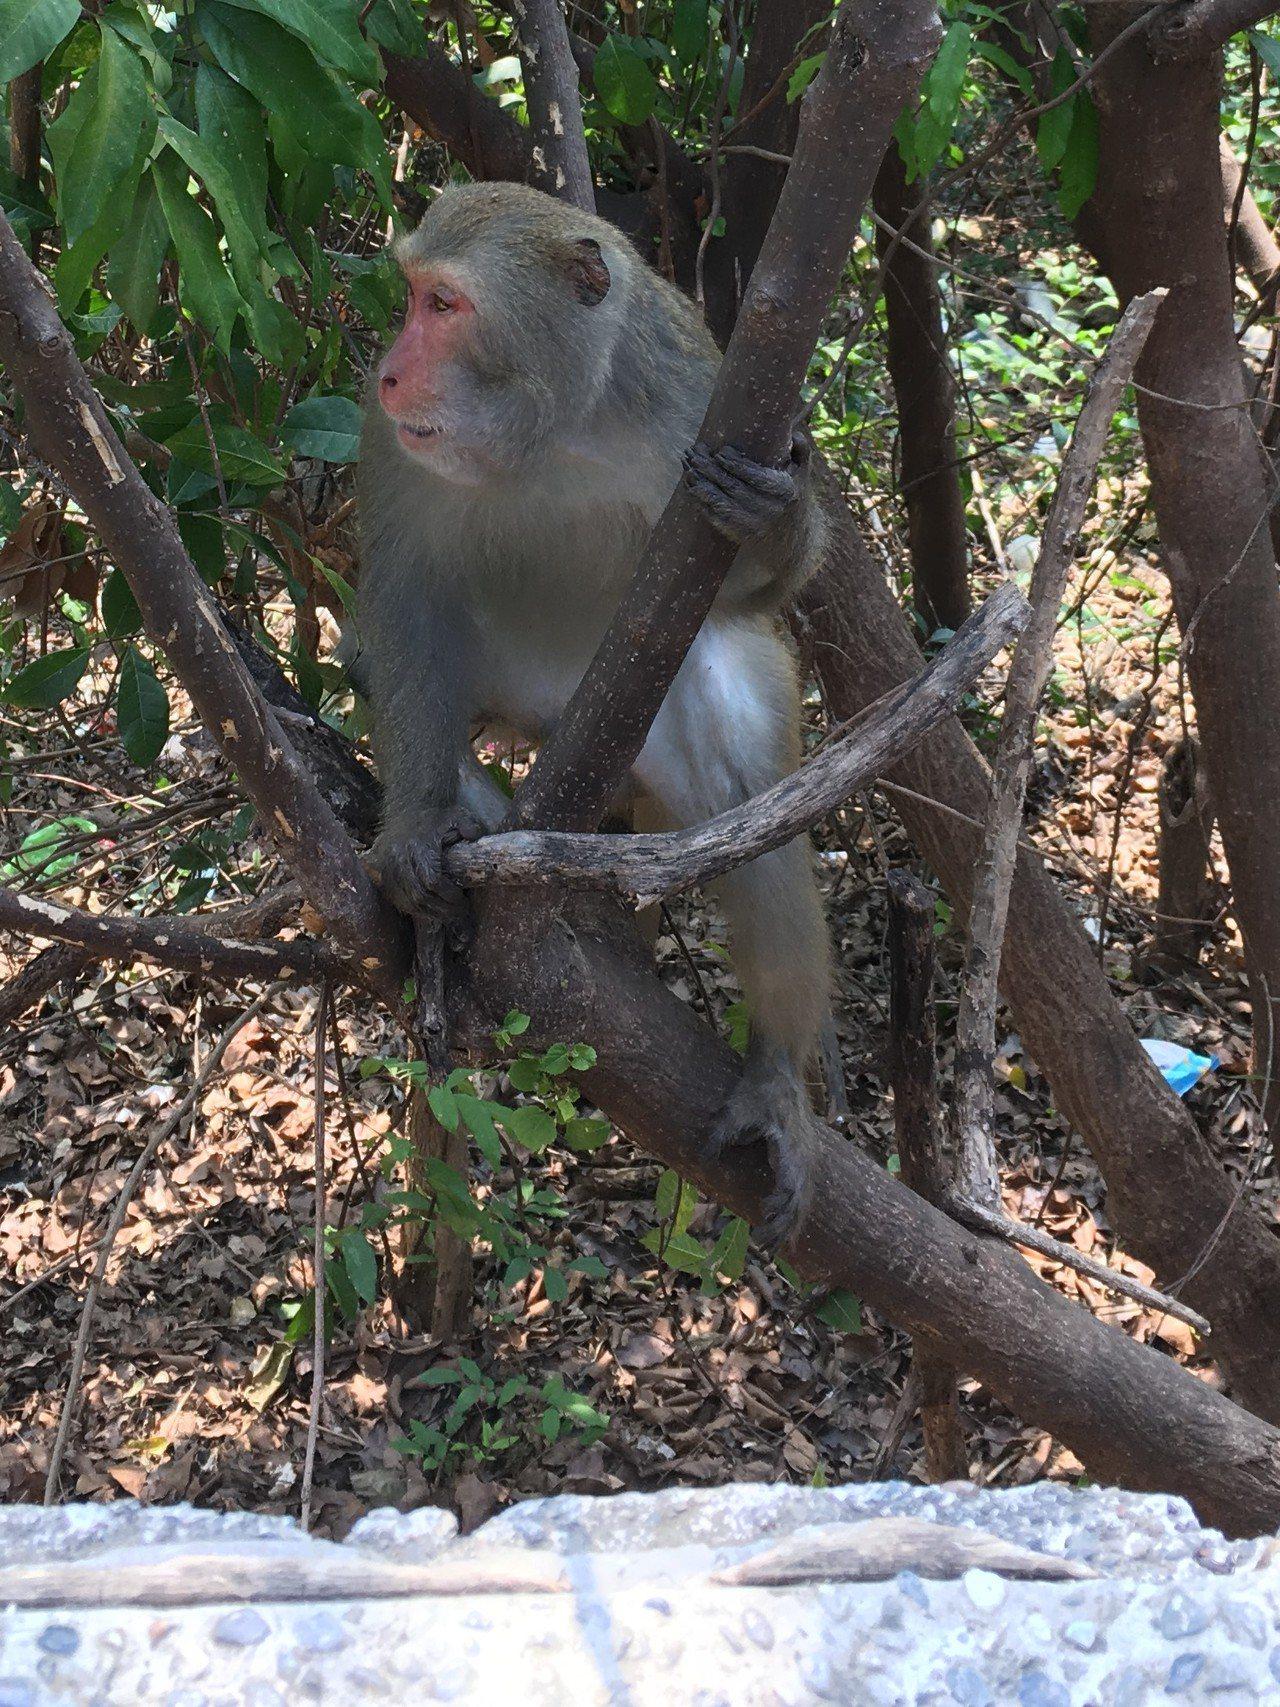 台中市太平的黃竹坑山區台灣獼猴出沒頻繁,嚴重影響農作,市議員李麗華上午邀農業局長...